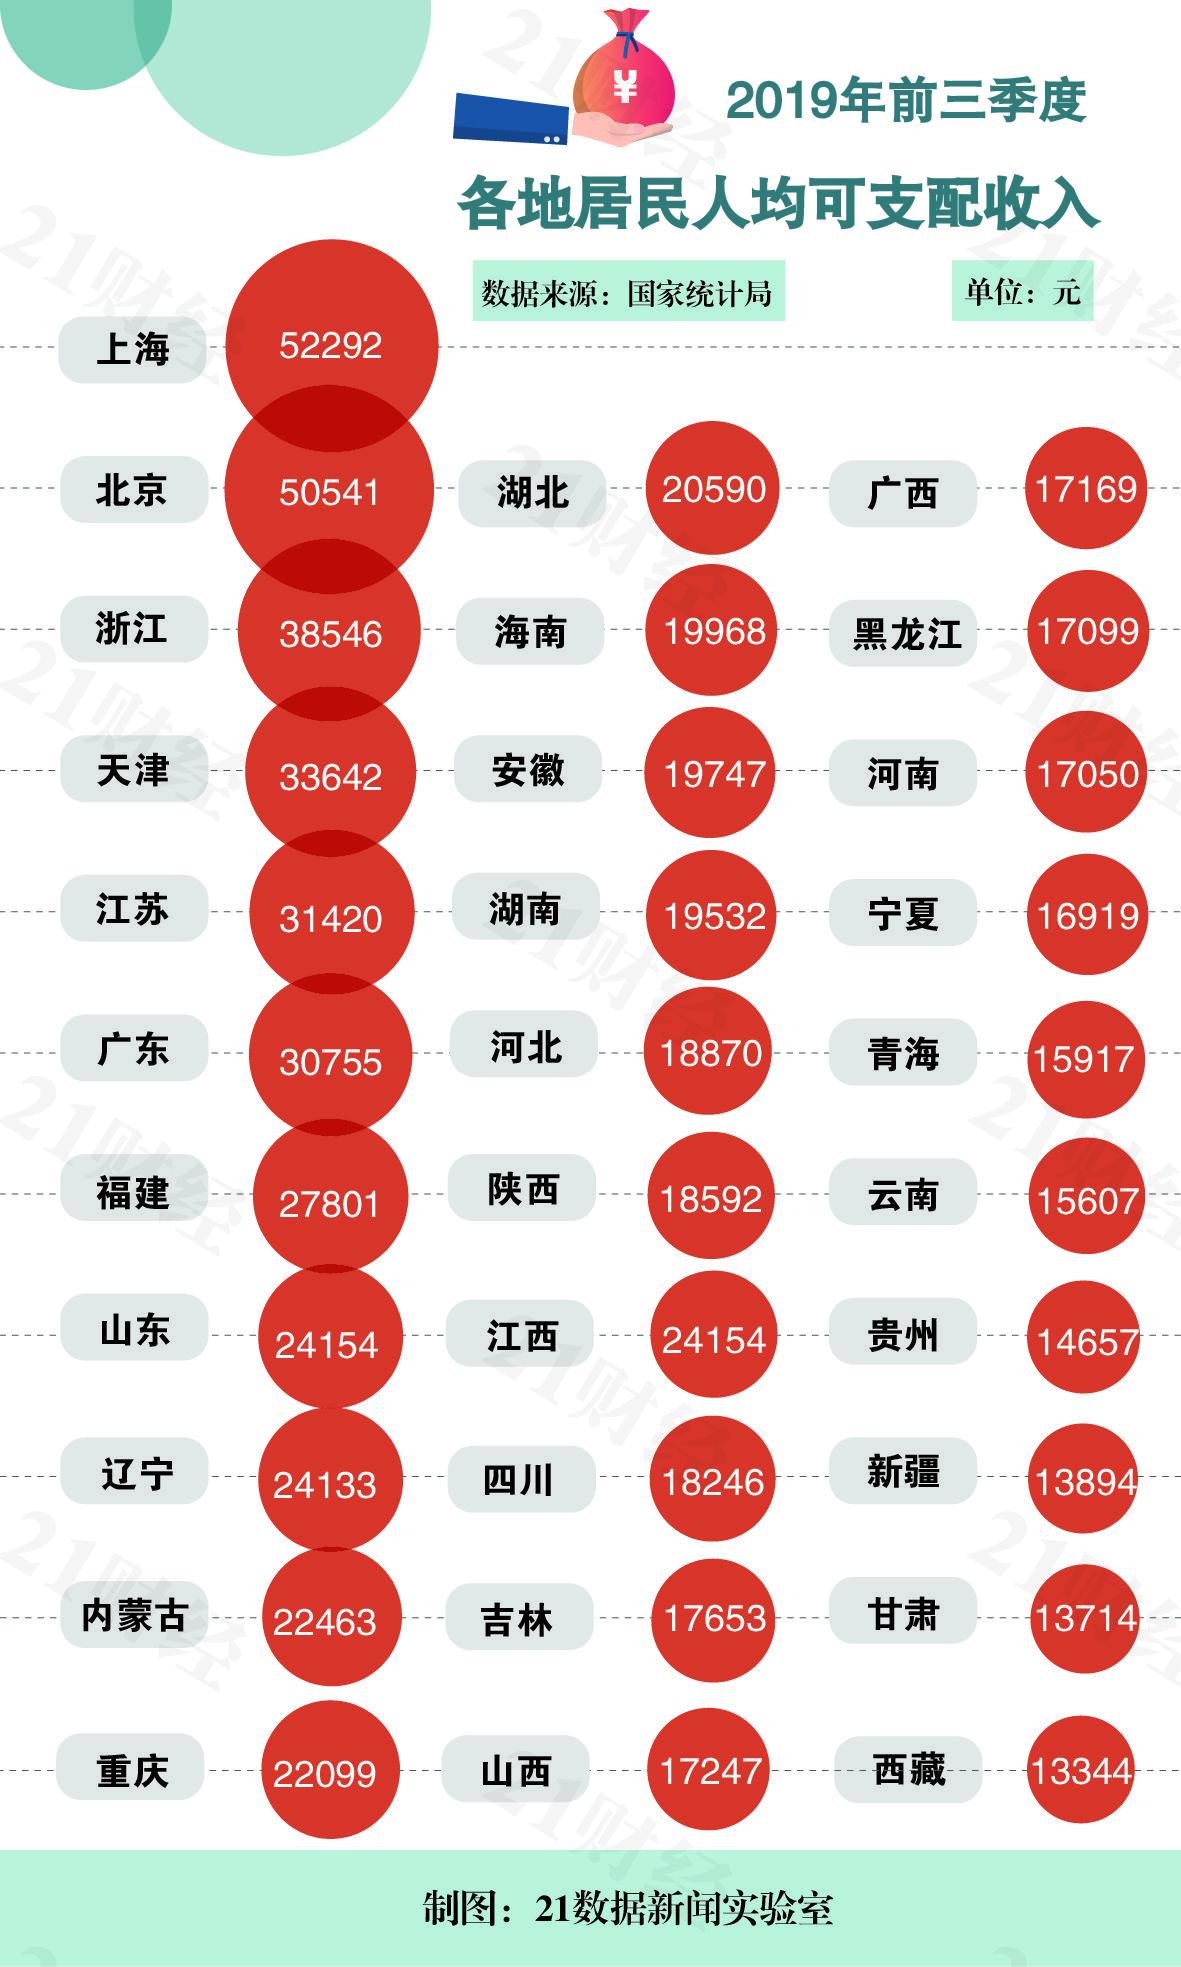 88真人官网·未按规定经营药品 河口两家药店被处罚